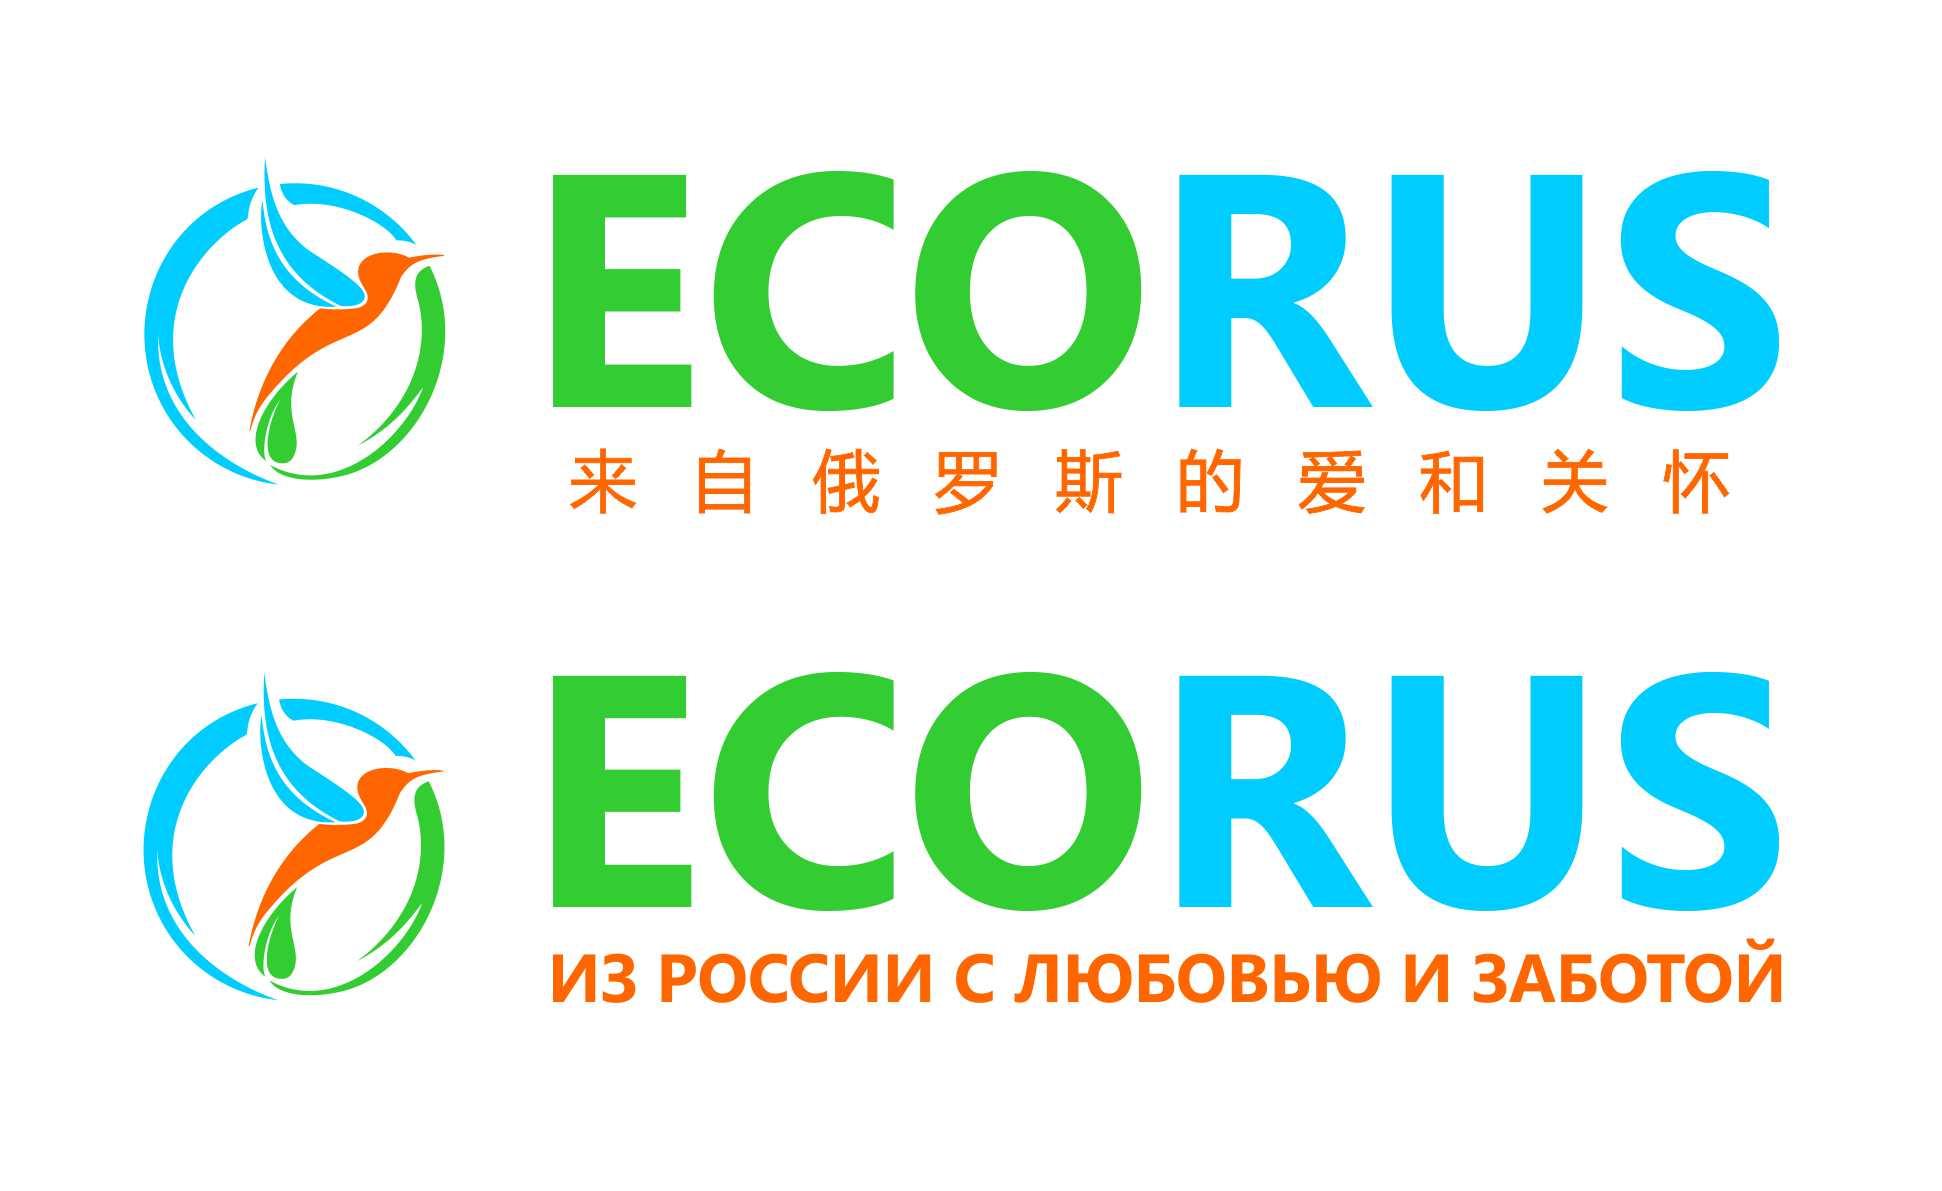 Логотип для поставщика продуктов питания из России в Китай фото f_7625eb7241ee419f.jpg